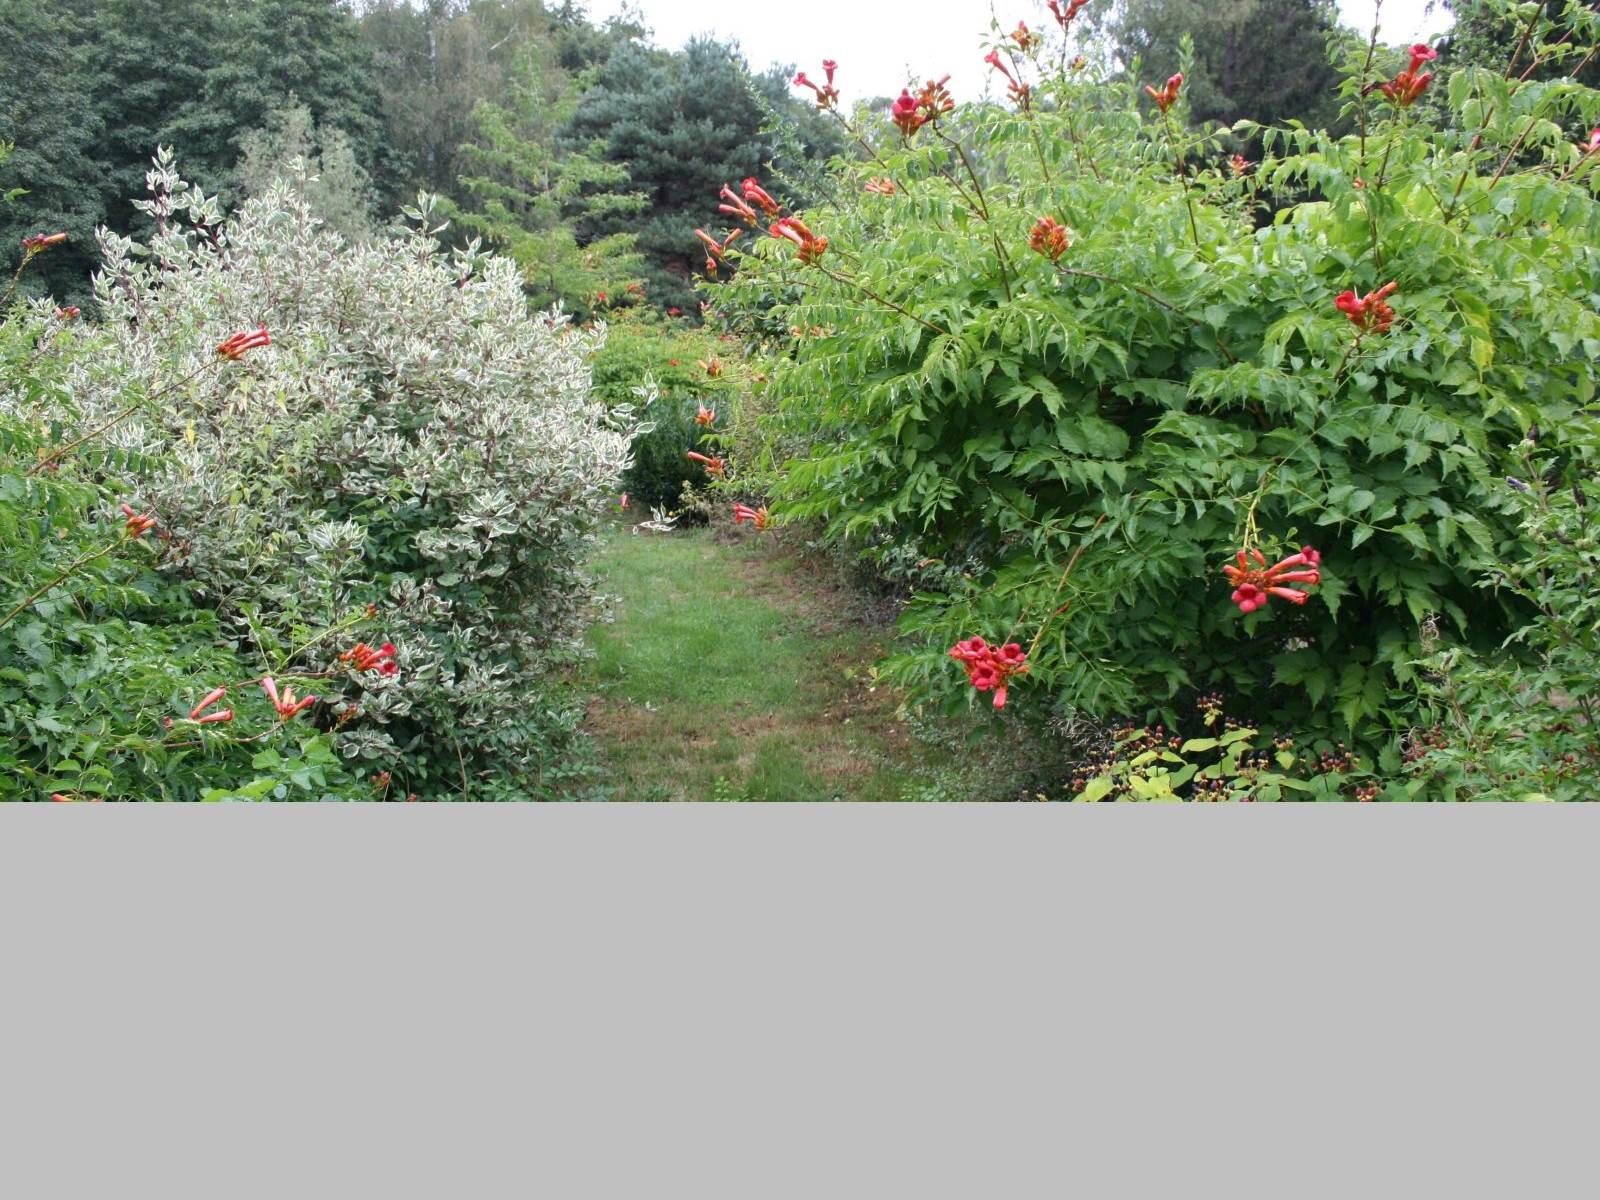 Le jardin d'agrément, bignone en pleine floraison